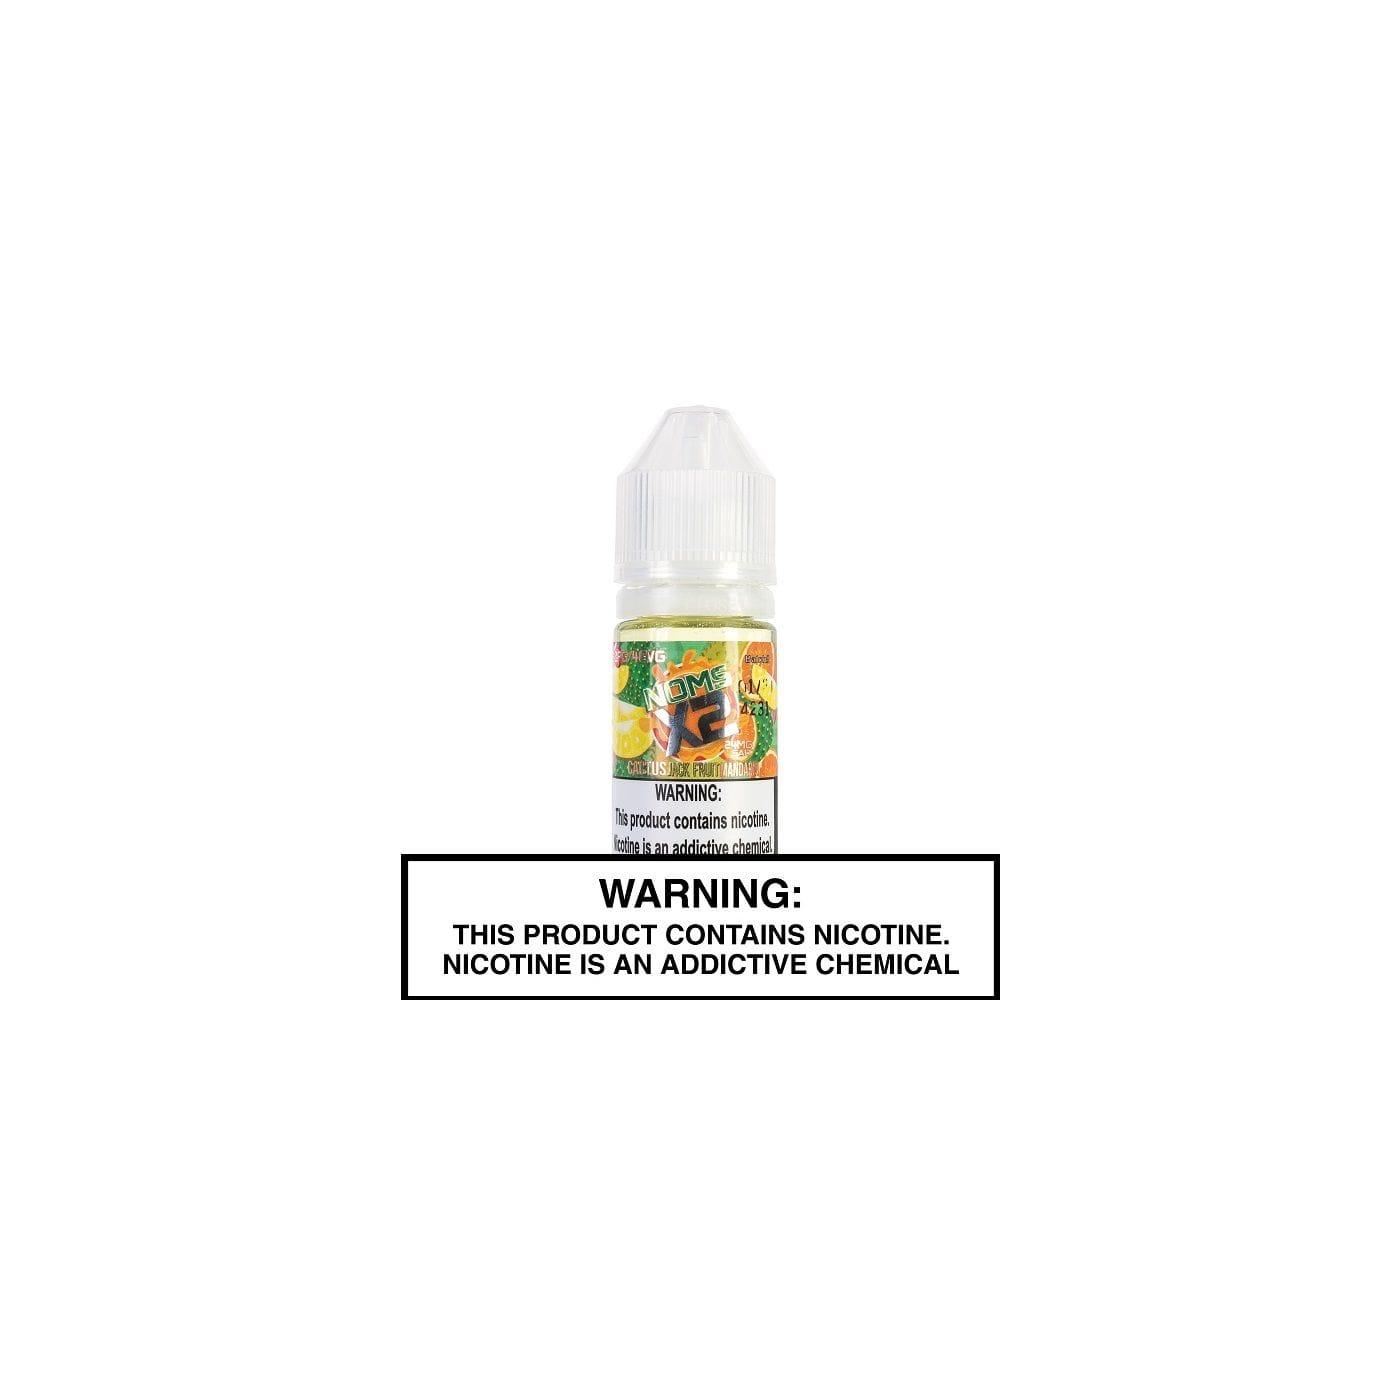 Noms X2 Salts Cactus Jackfruit Mandarin - 30 mL